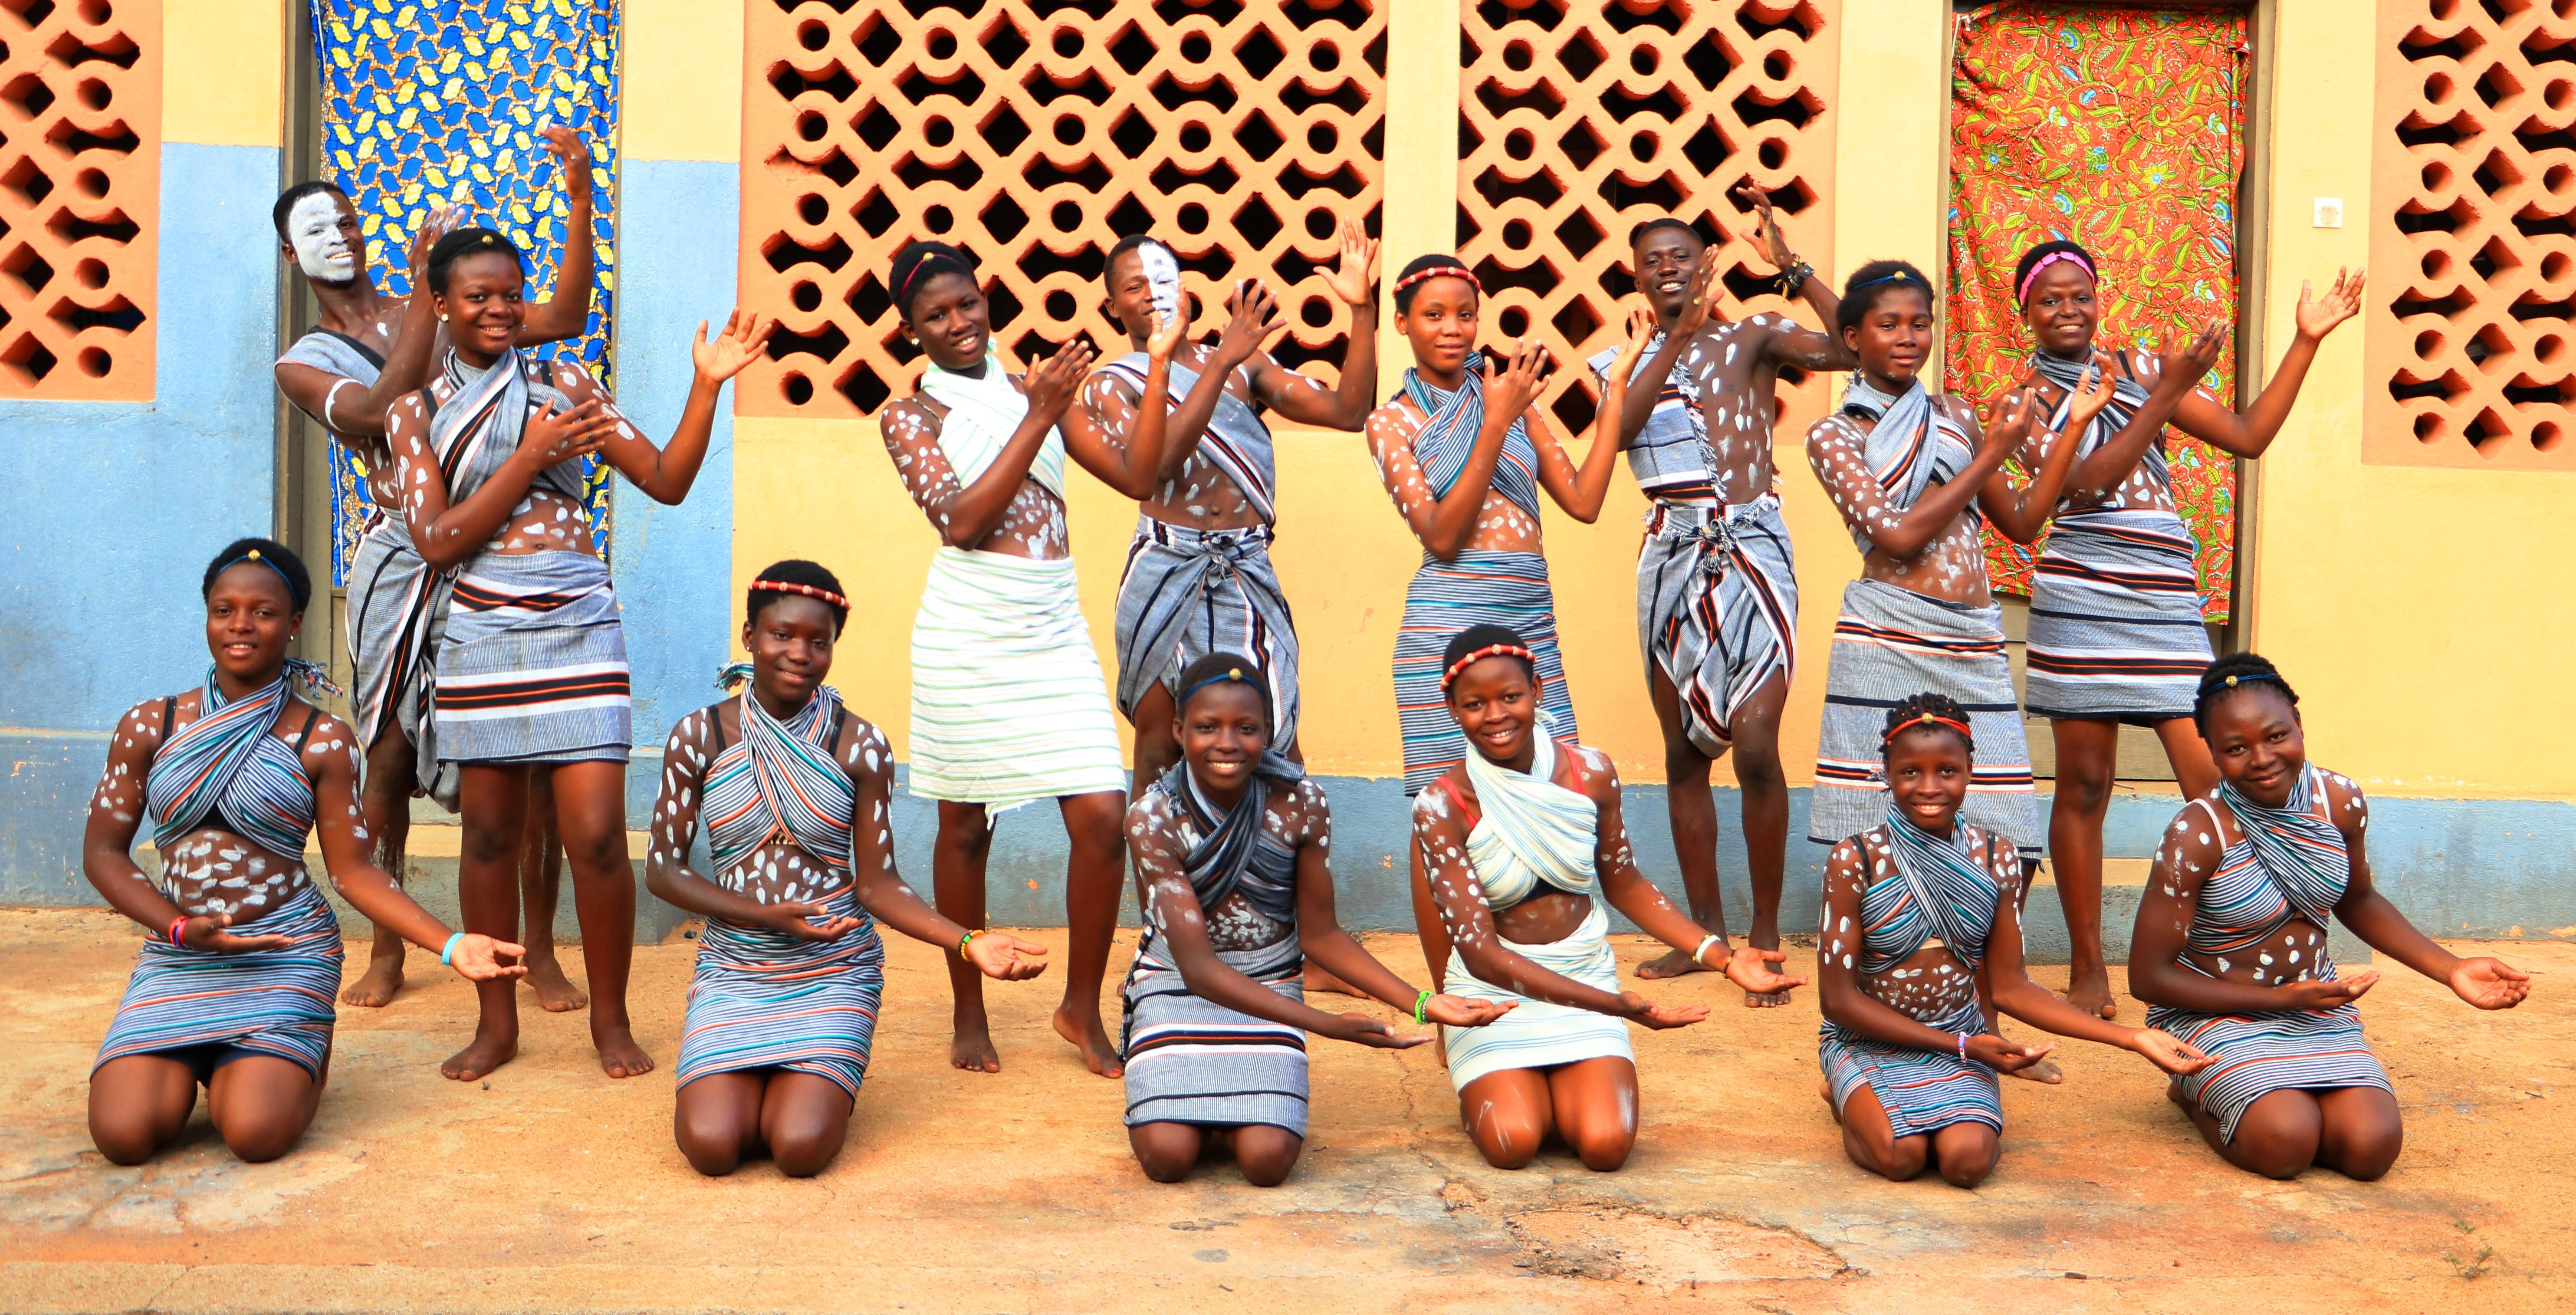 Les danseuses du groupe Soli'choeur. (Photo Jean Yoabone/VIE)